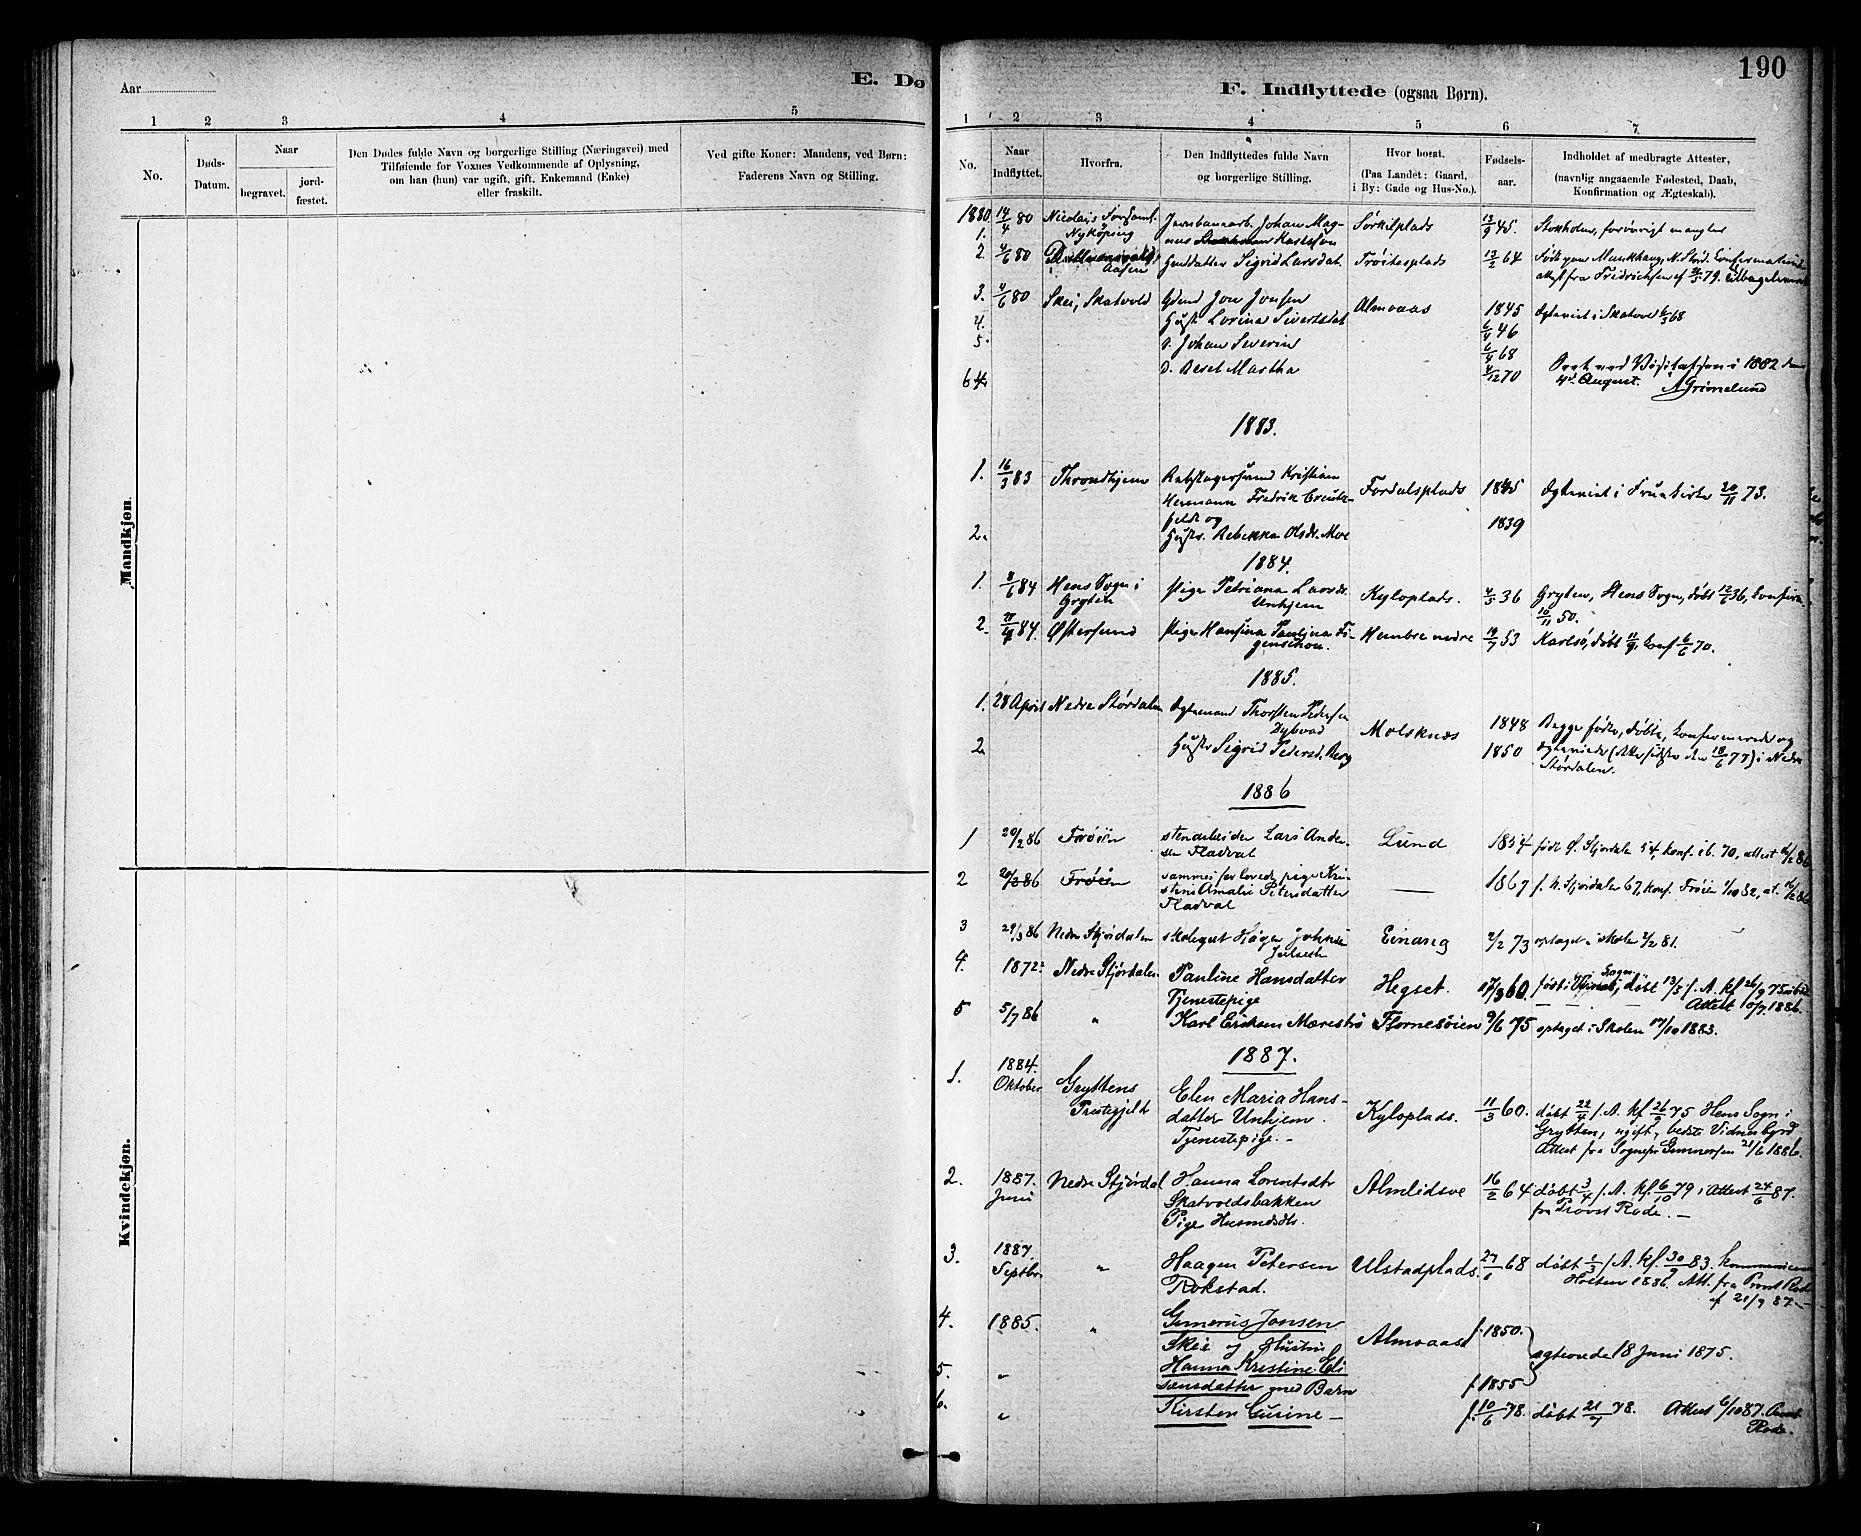 SAT, Ministerialprotokoller, klokkerbøker og fødselsregistre - Nord-Trøndelag, 703/L0030: Parish register (official) no. 703A03, 1880-1892, p. 190